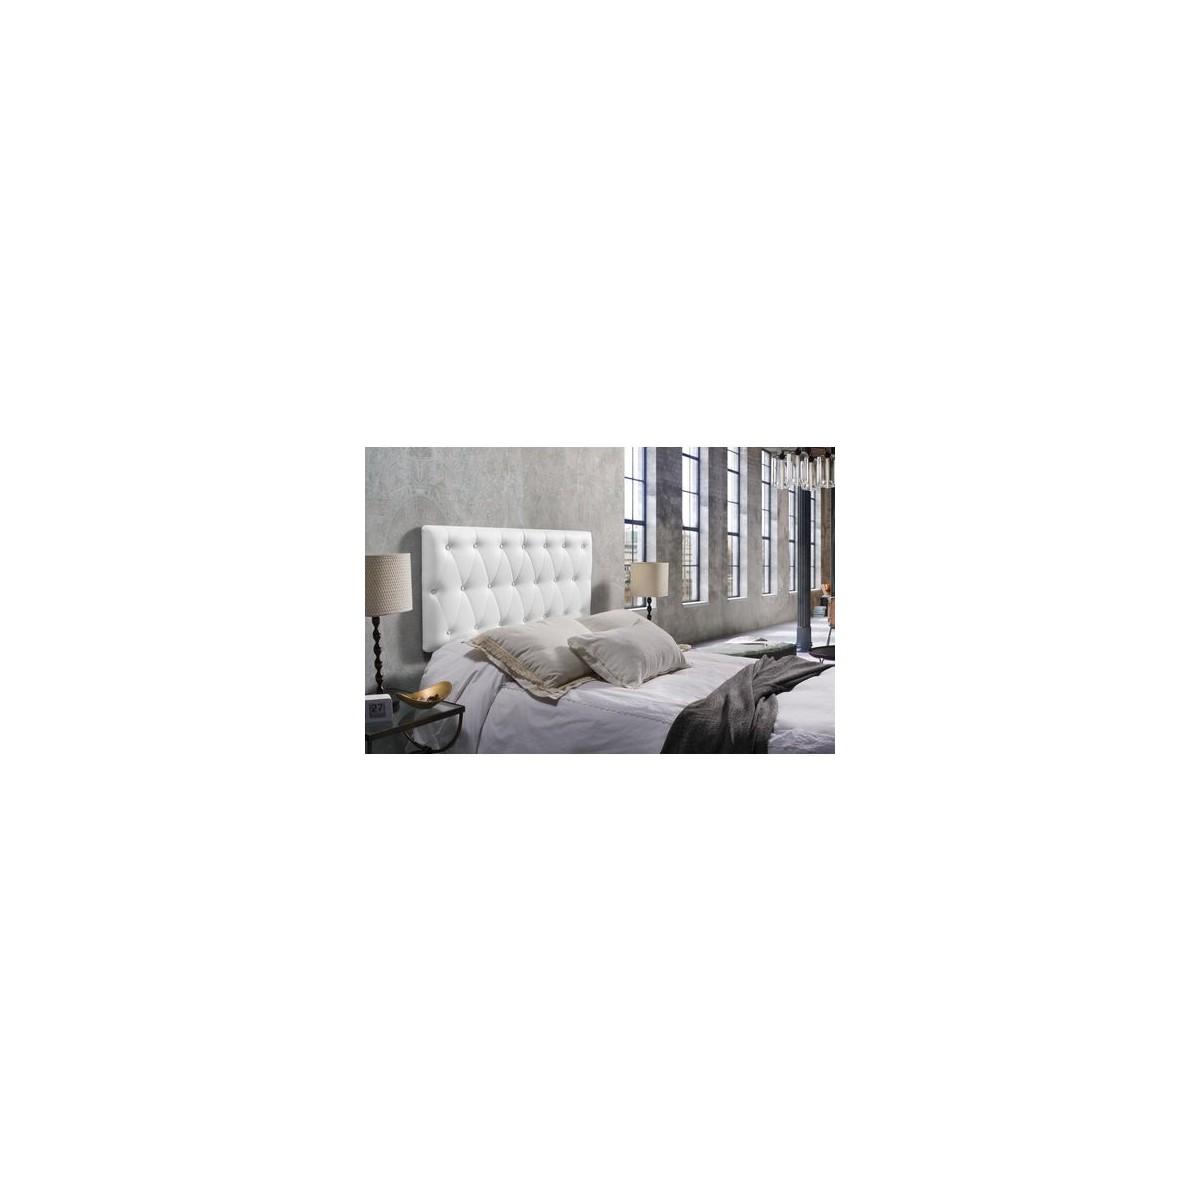 Cabecero Capitoné Tapizado Polipiel 135x60 cm Blanco